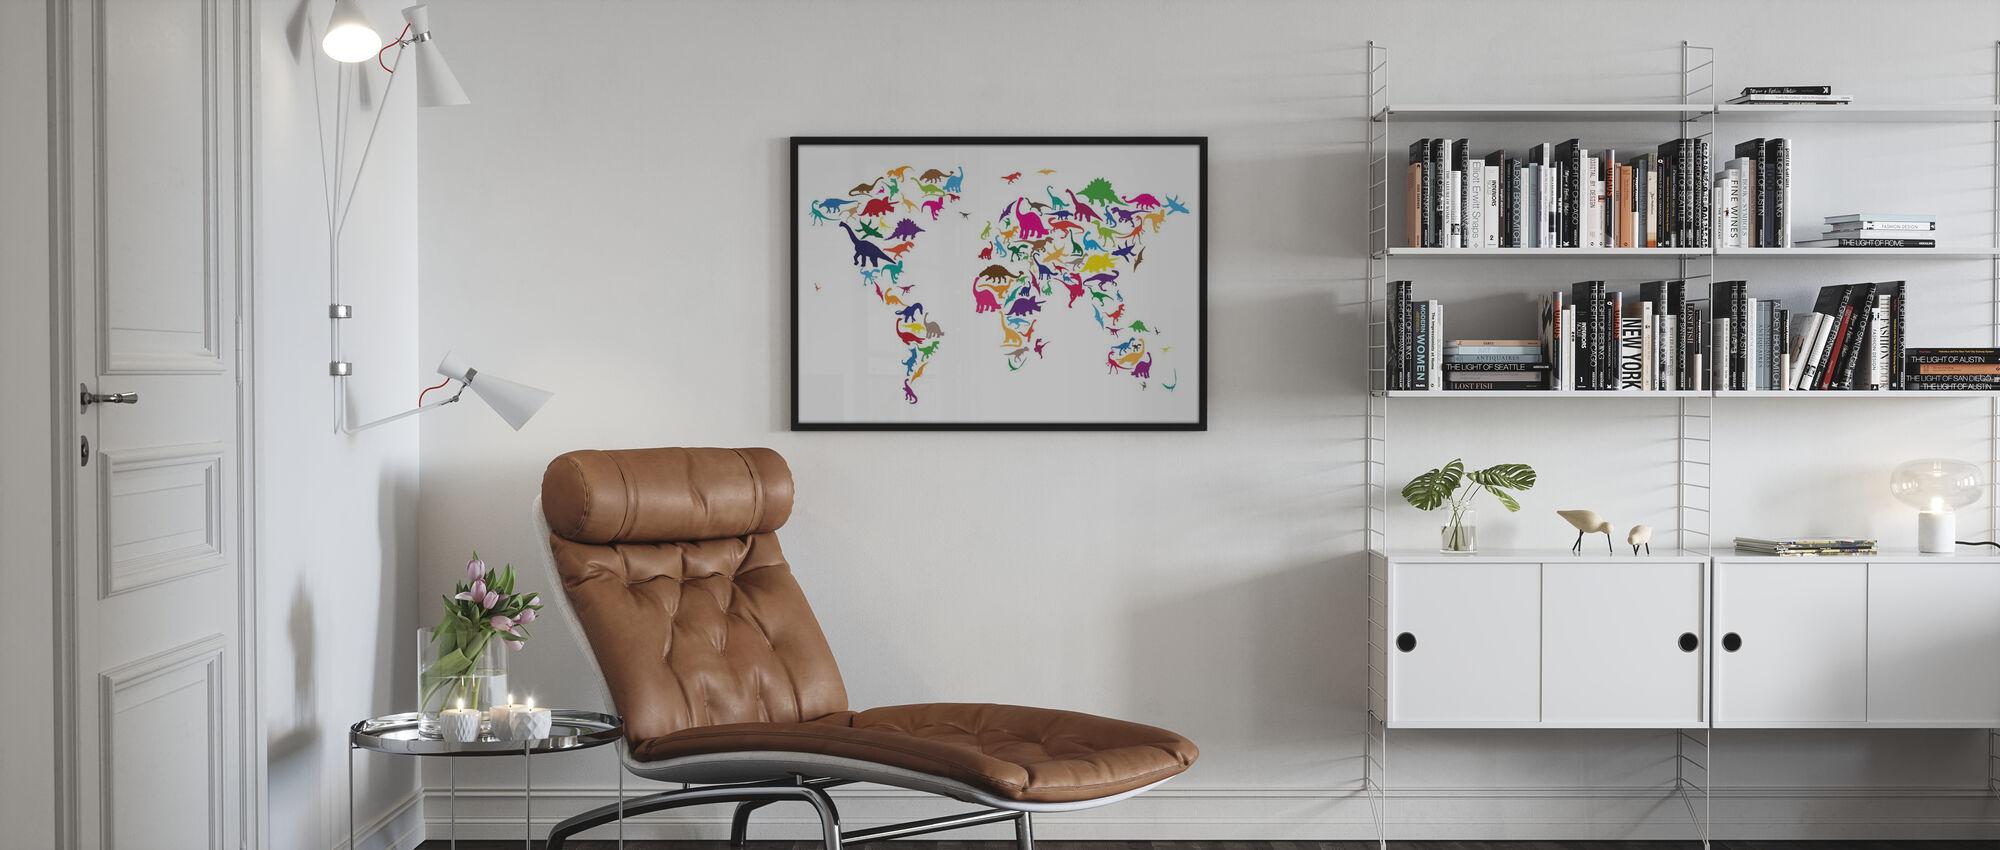 Mappa del mondo dei dinosauri - Stampa incorniciata - Salotto